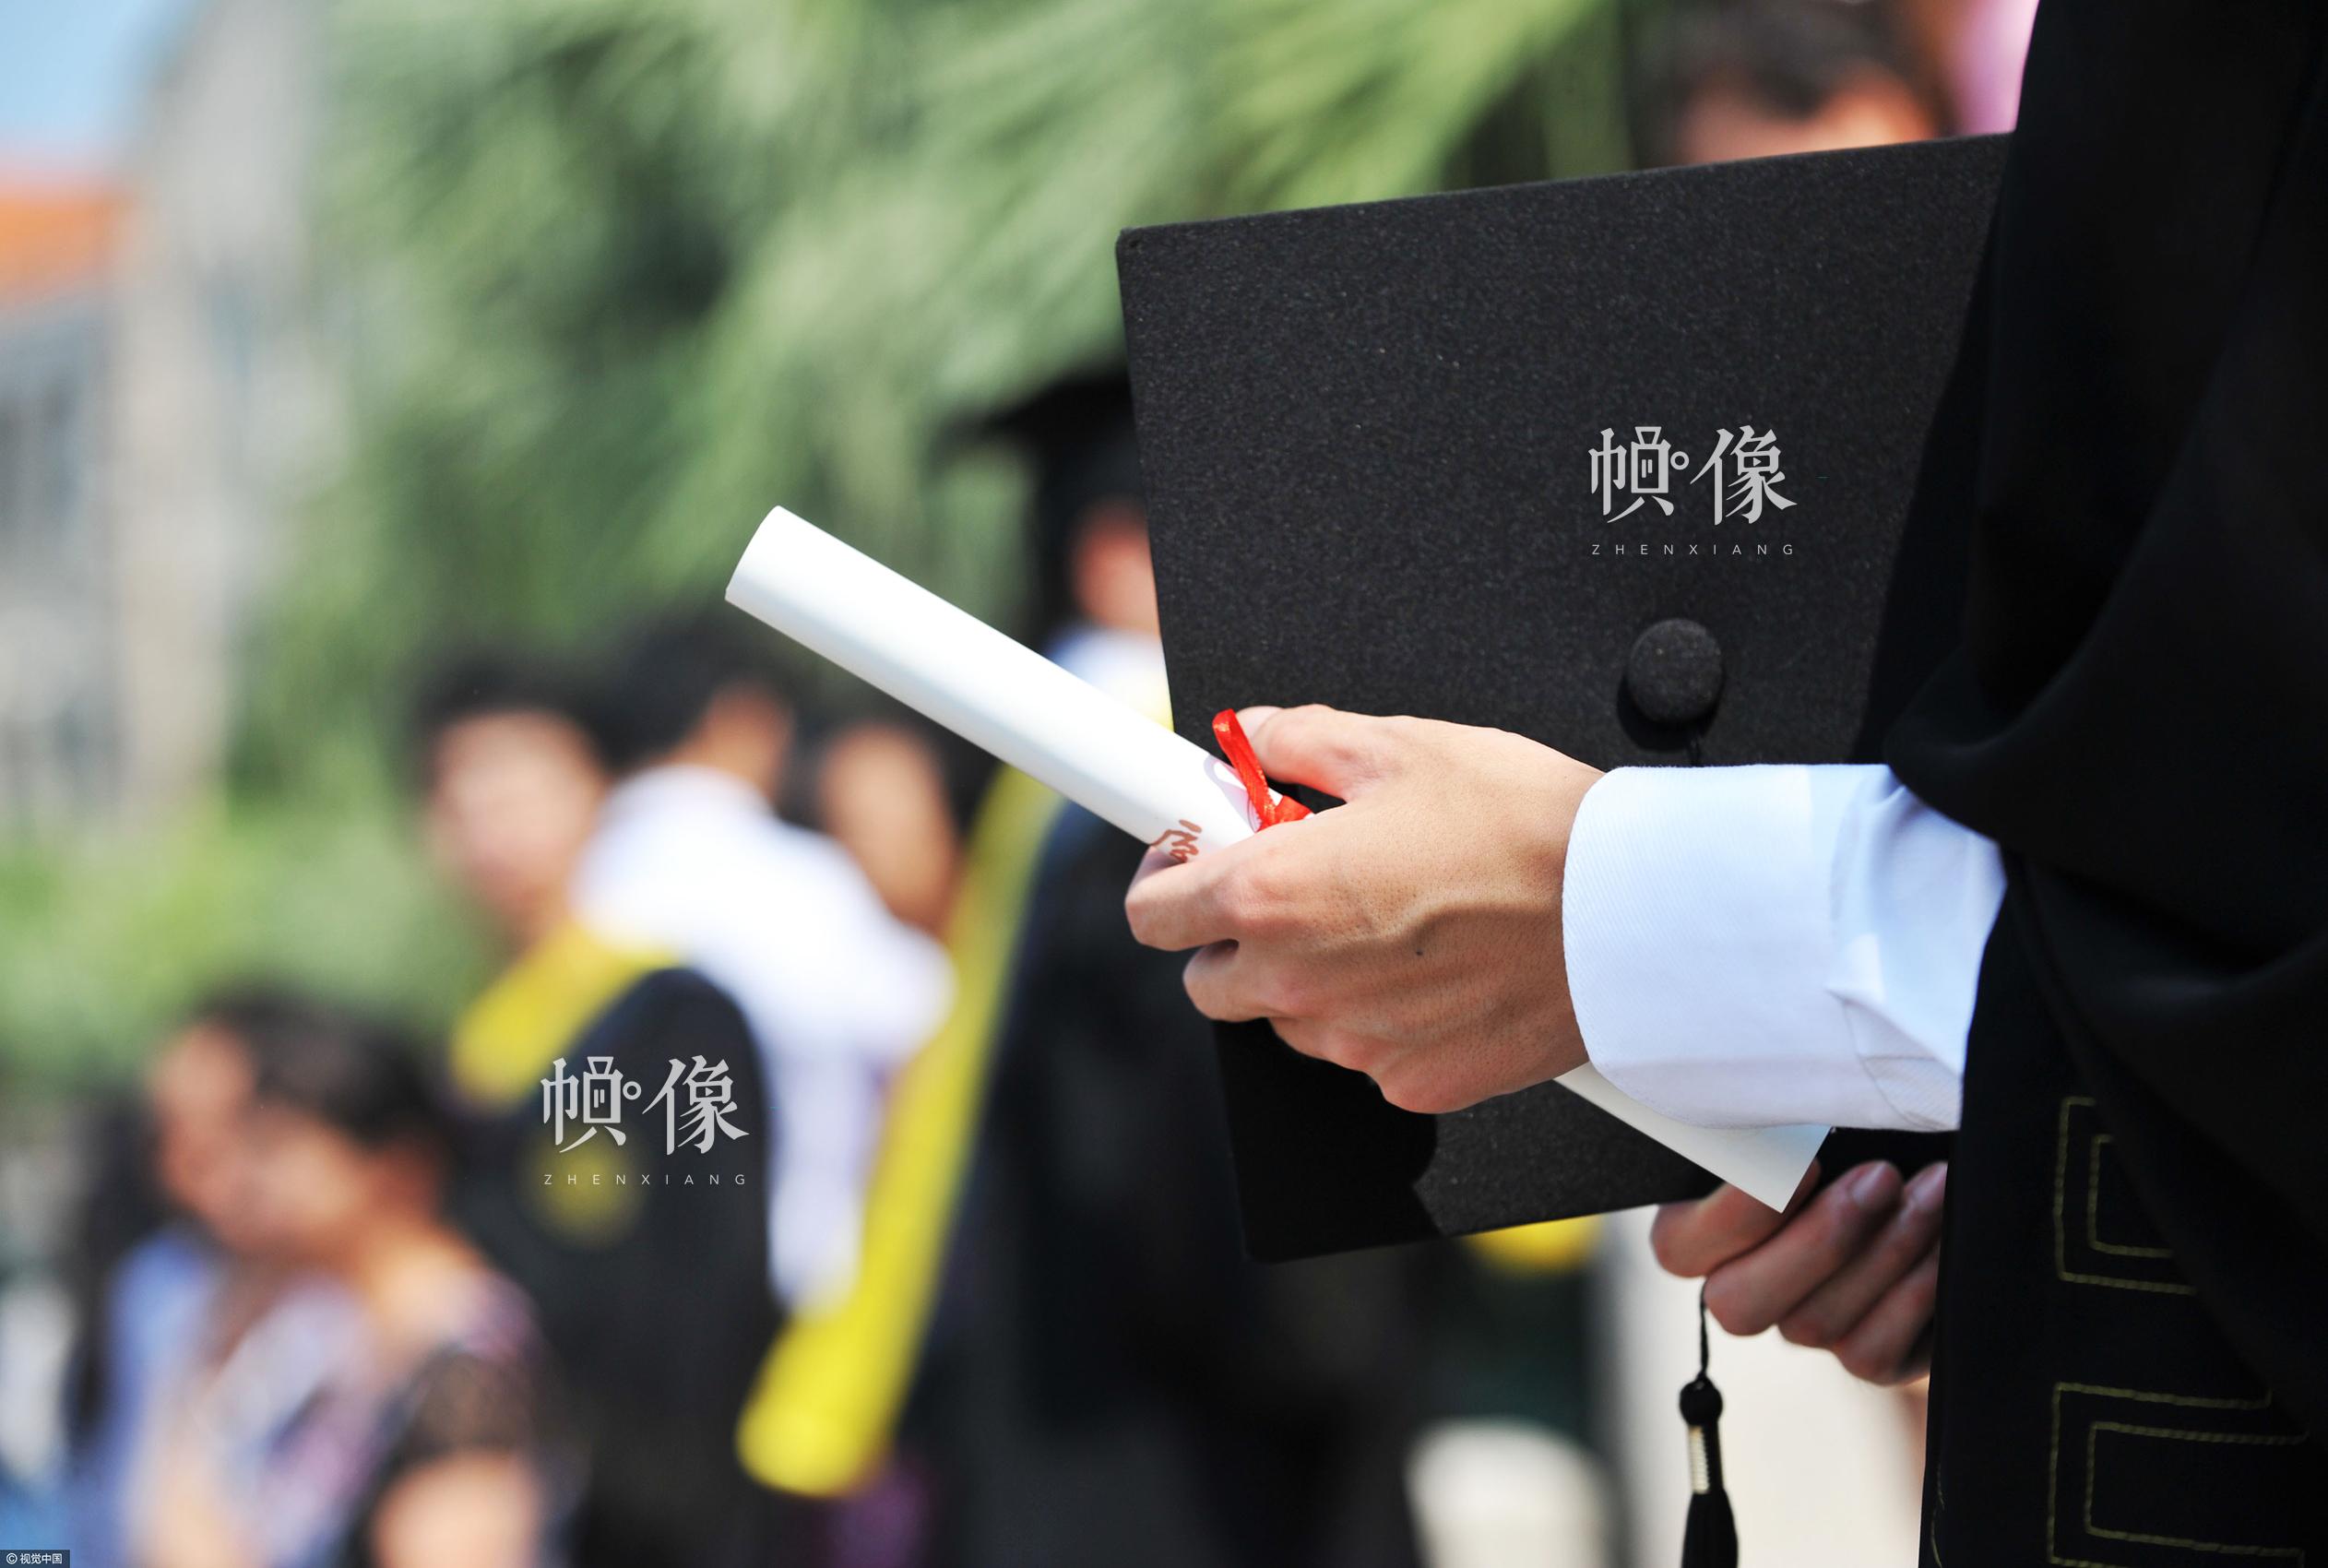 2011年6月26日,福建厦门,厦门大学举行2011届毕业生毕业典礼。视觉中国供图